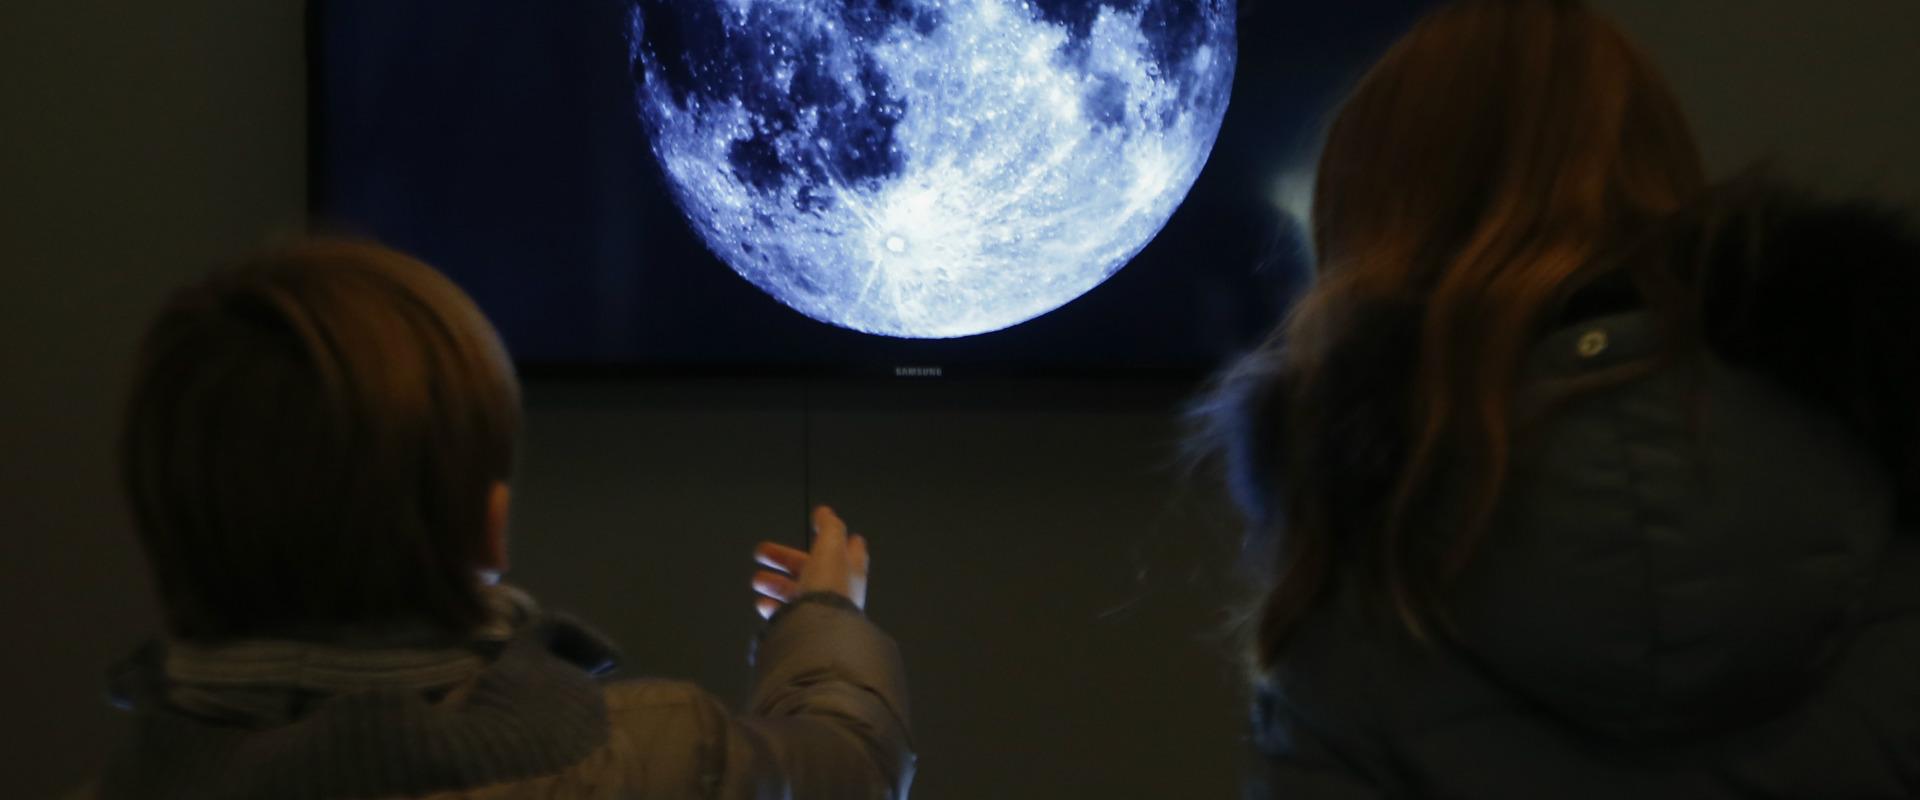 מוזיאון המדע והטכנולוגיה במילאן